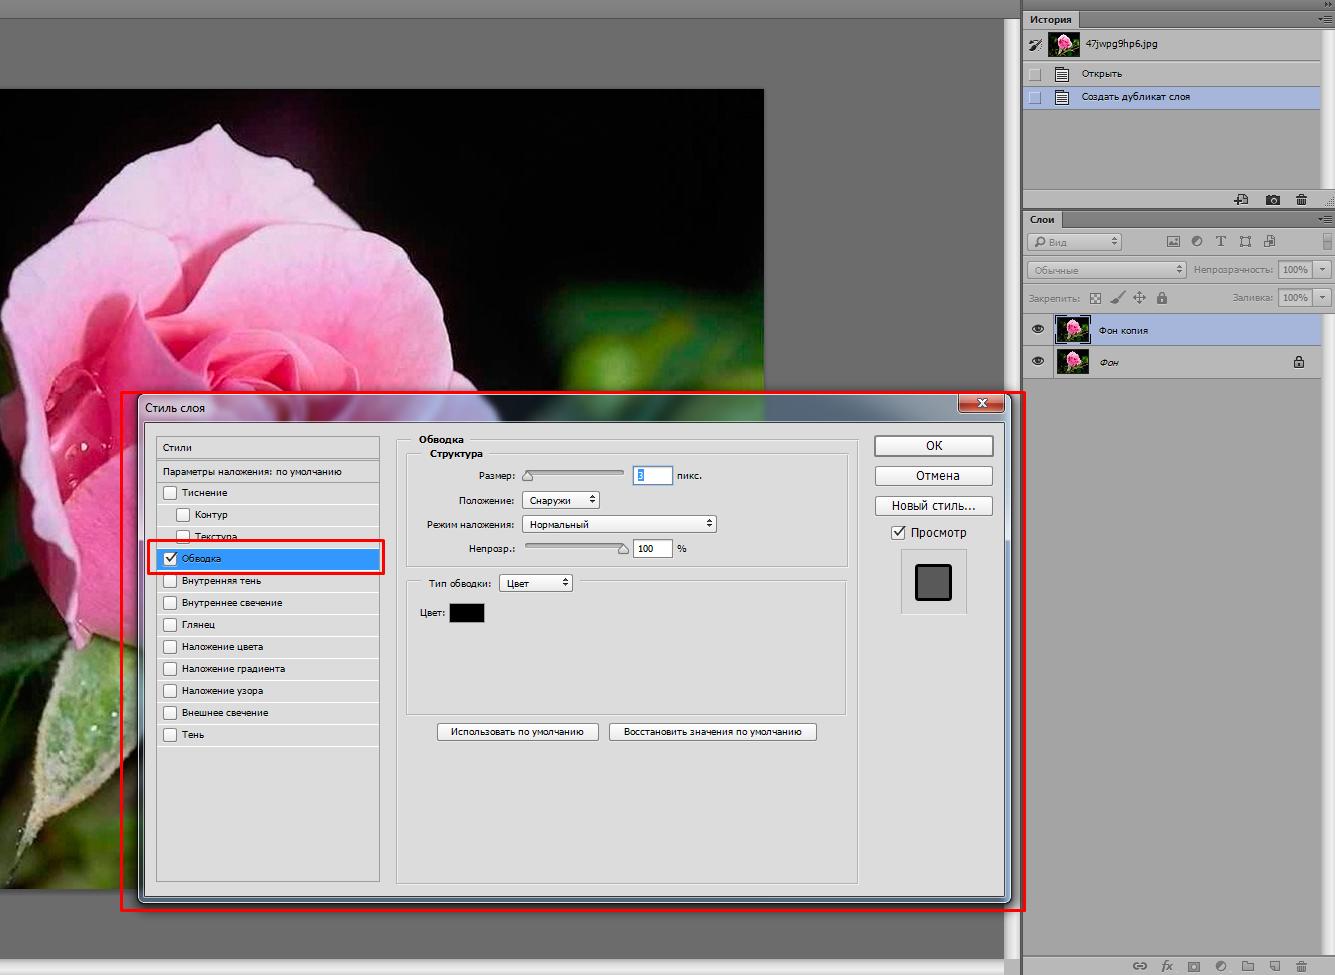 html рамка вокруг картинки при наведении курсора